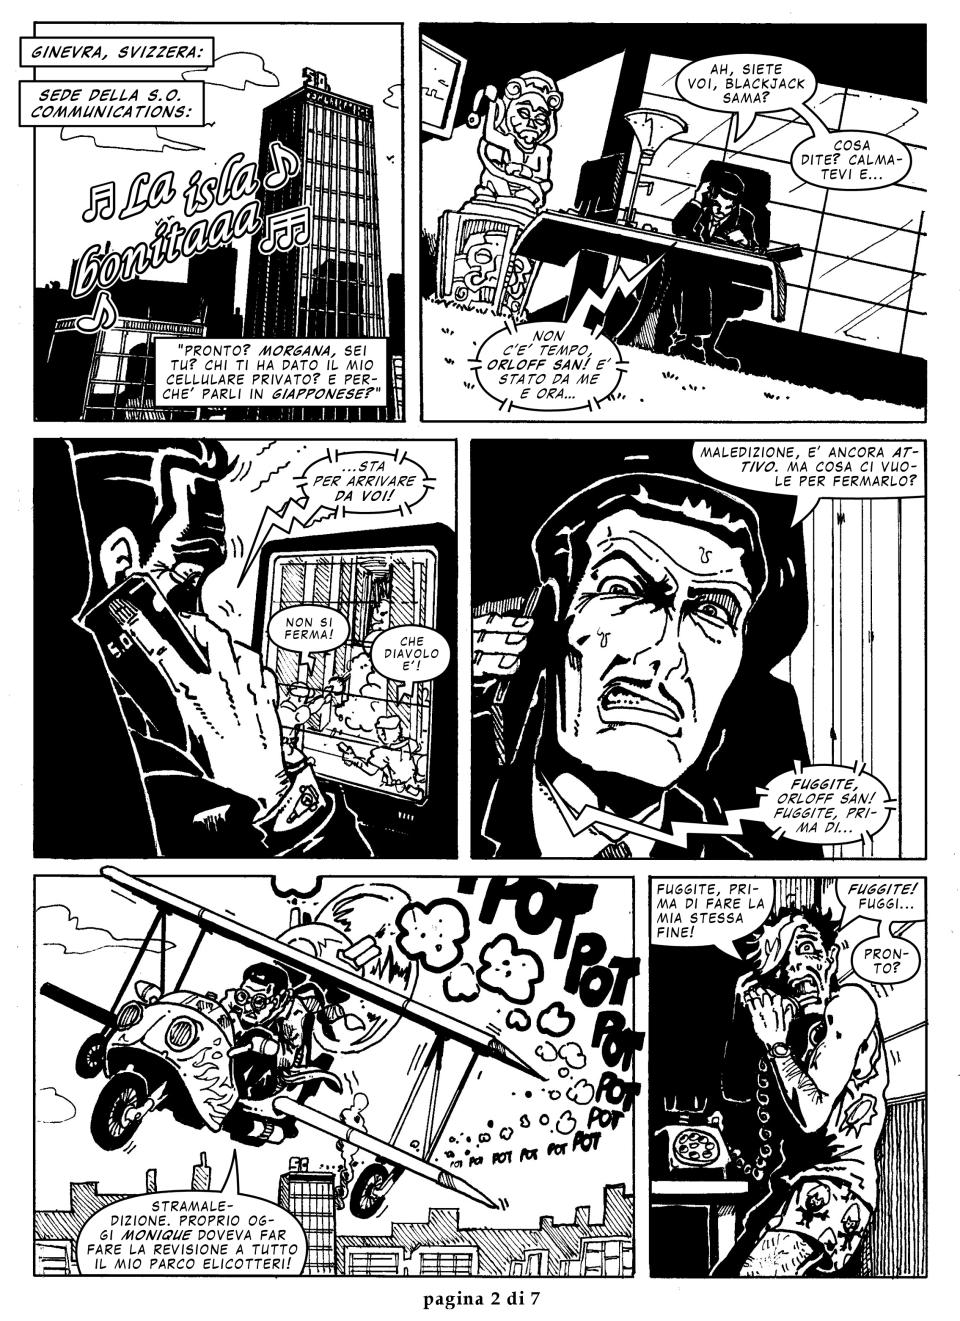 Get a Life 2 - pagina 2